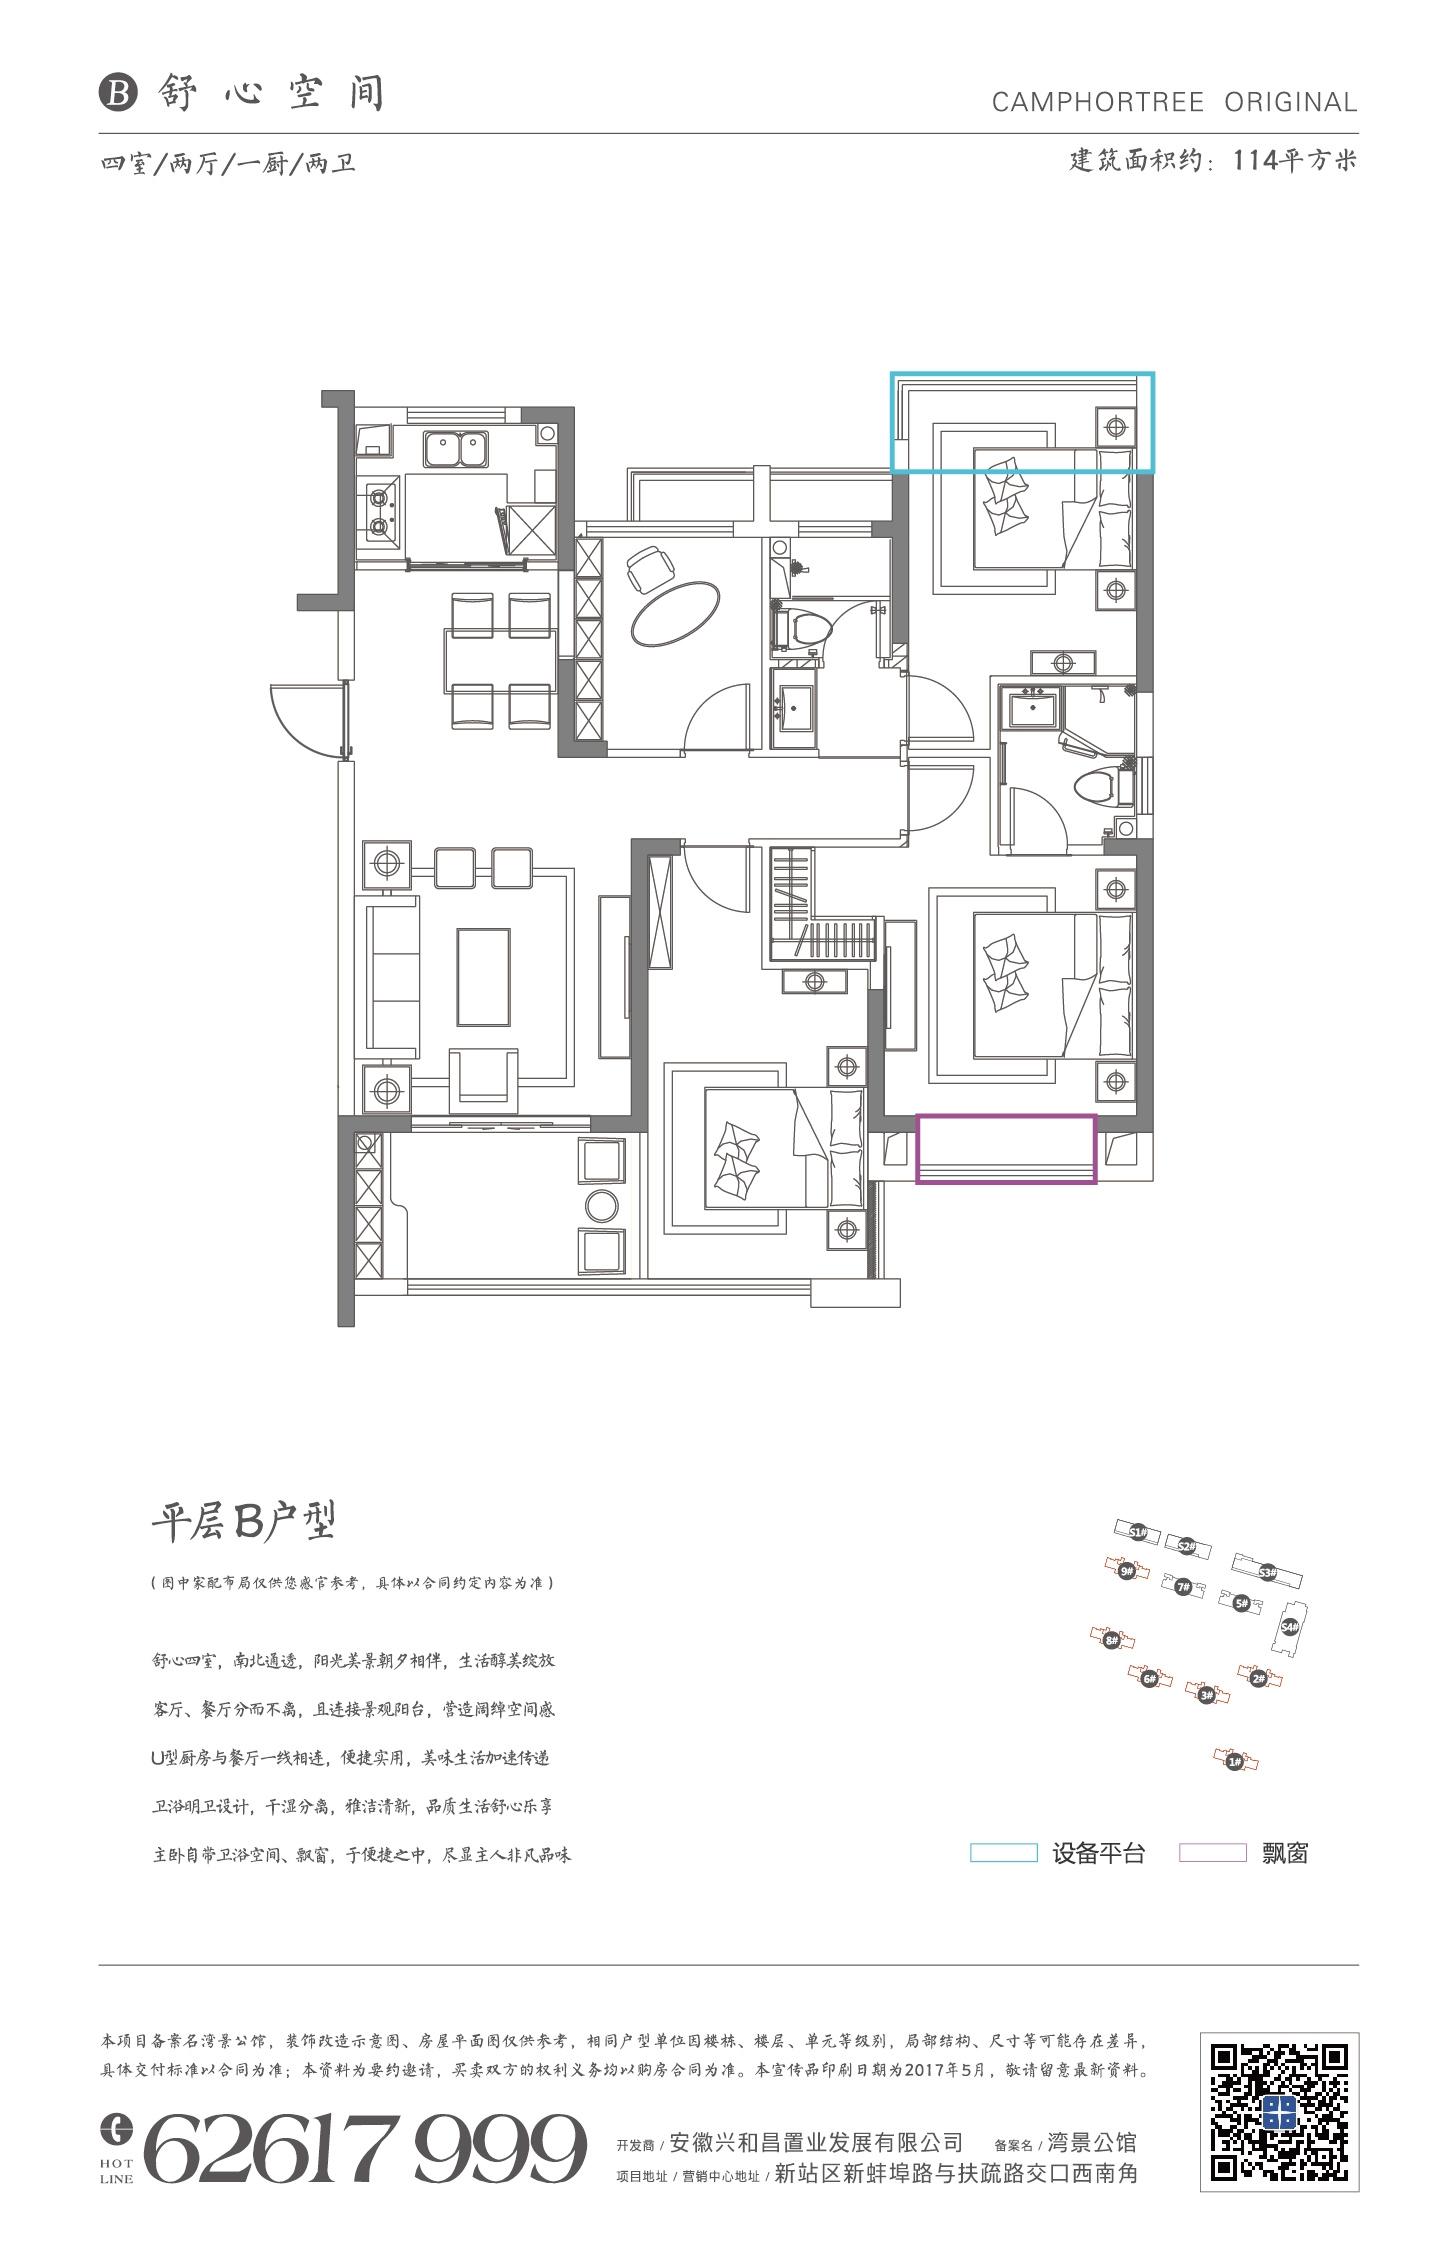 和昌香樟原著B户型114平米四室两厅一厨两卫